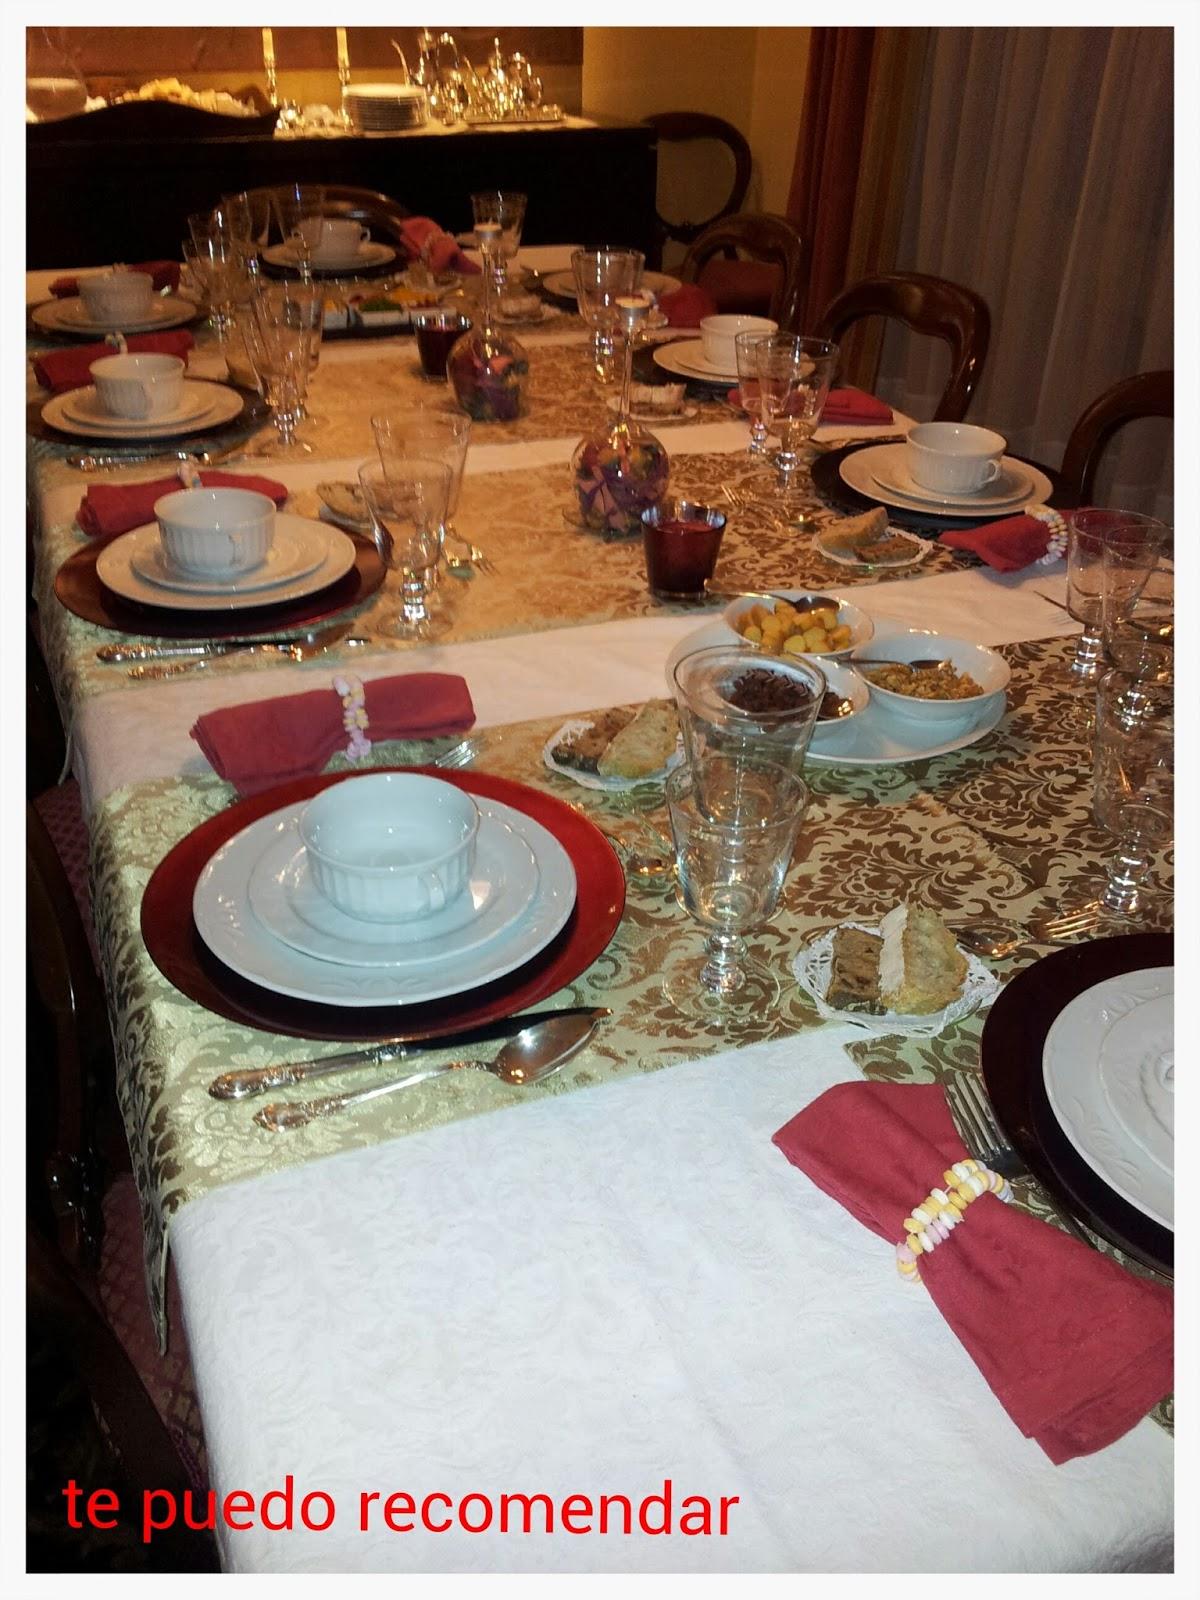 Te puedo recomendar ideas para cenas con amigos - Ideas cena amigos ...